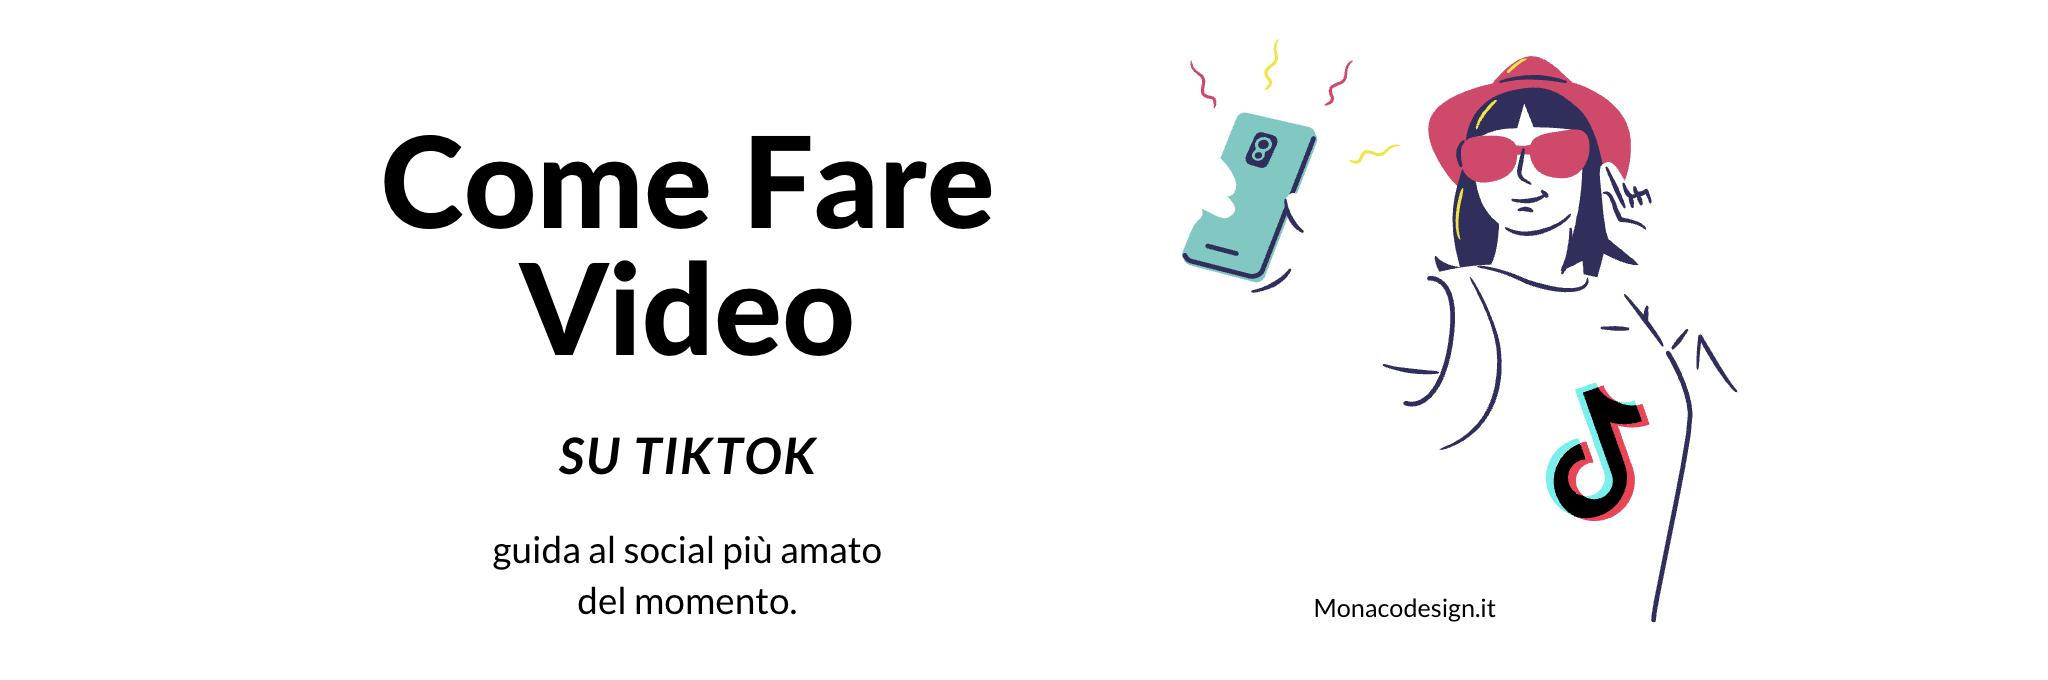 Come fare video su Tiktok